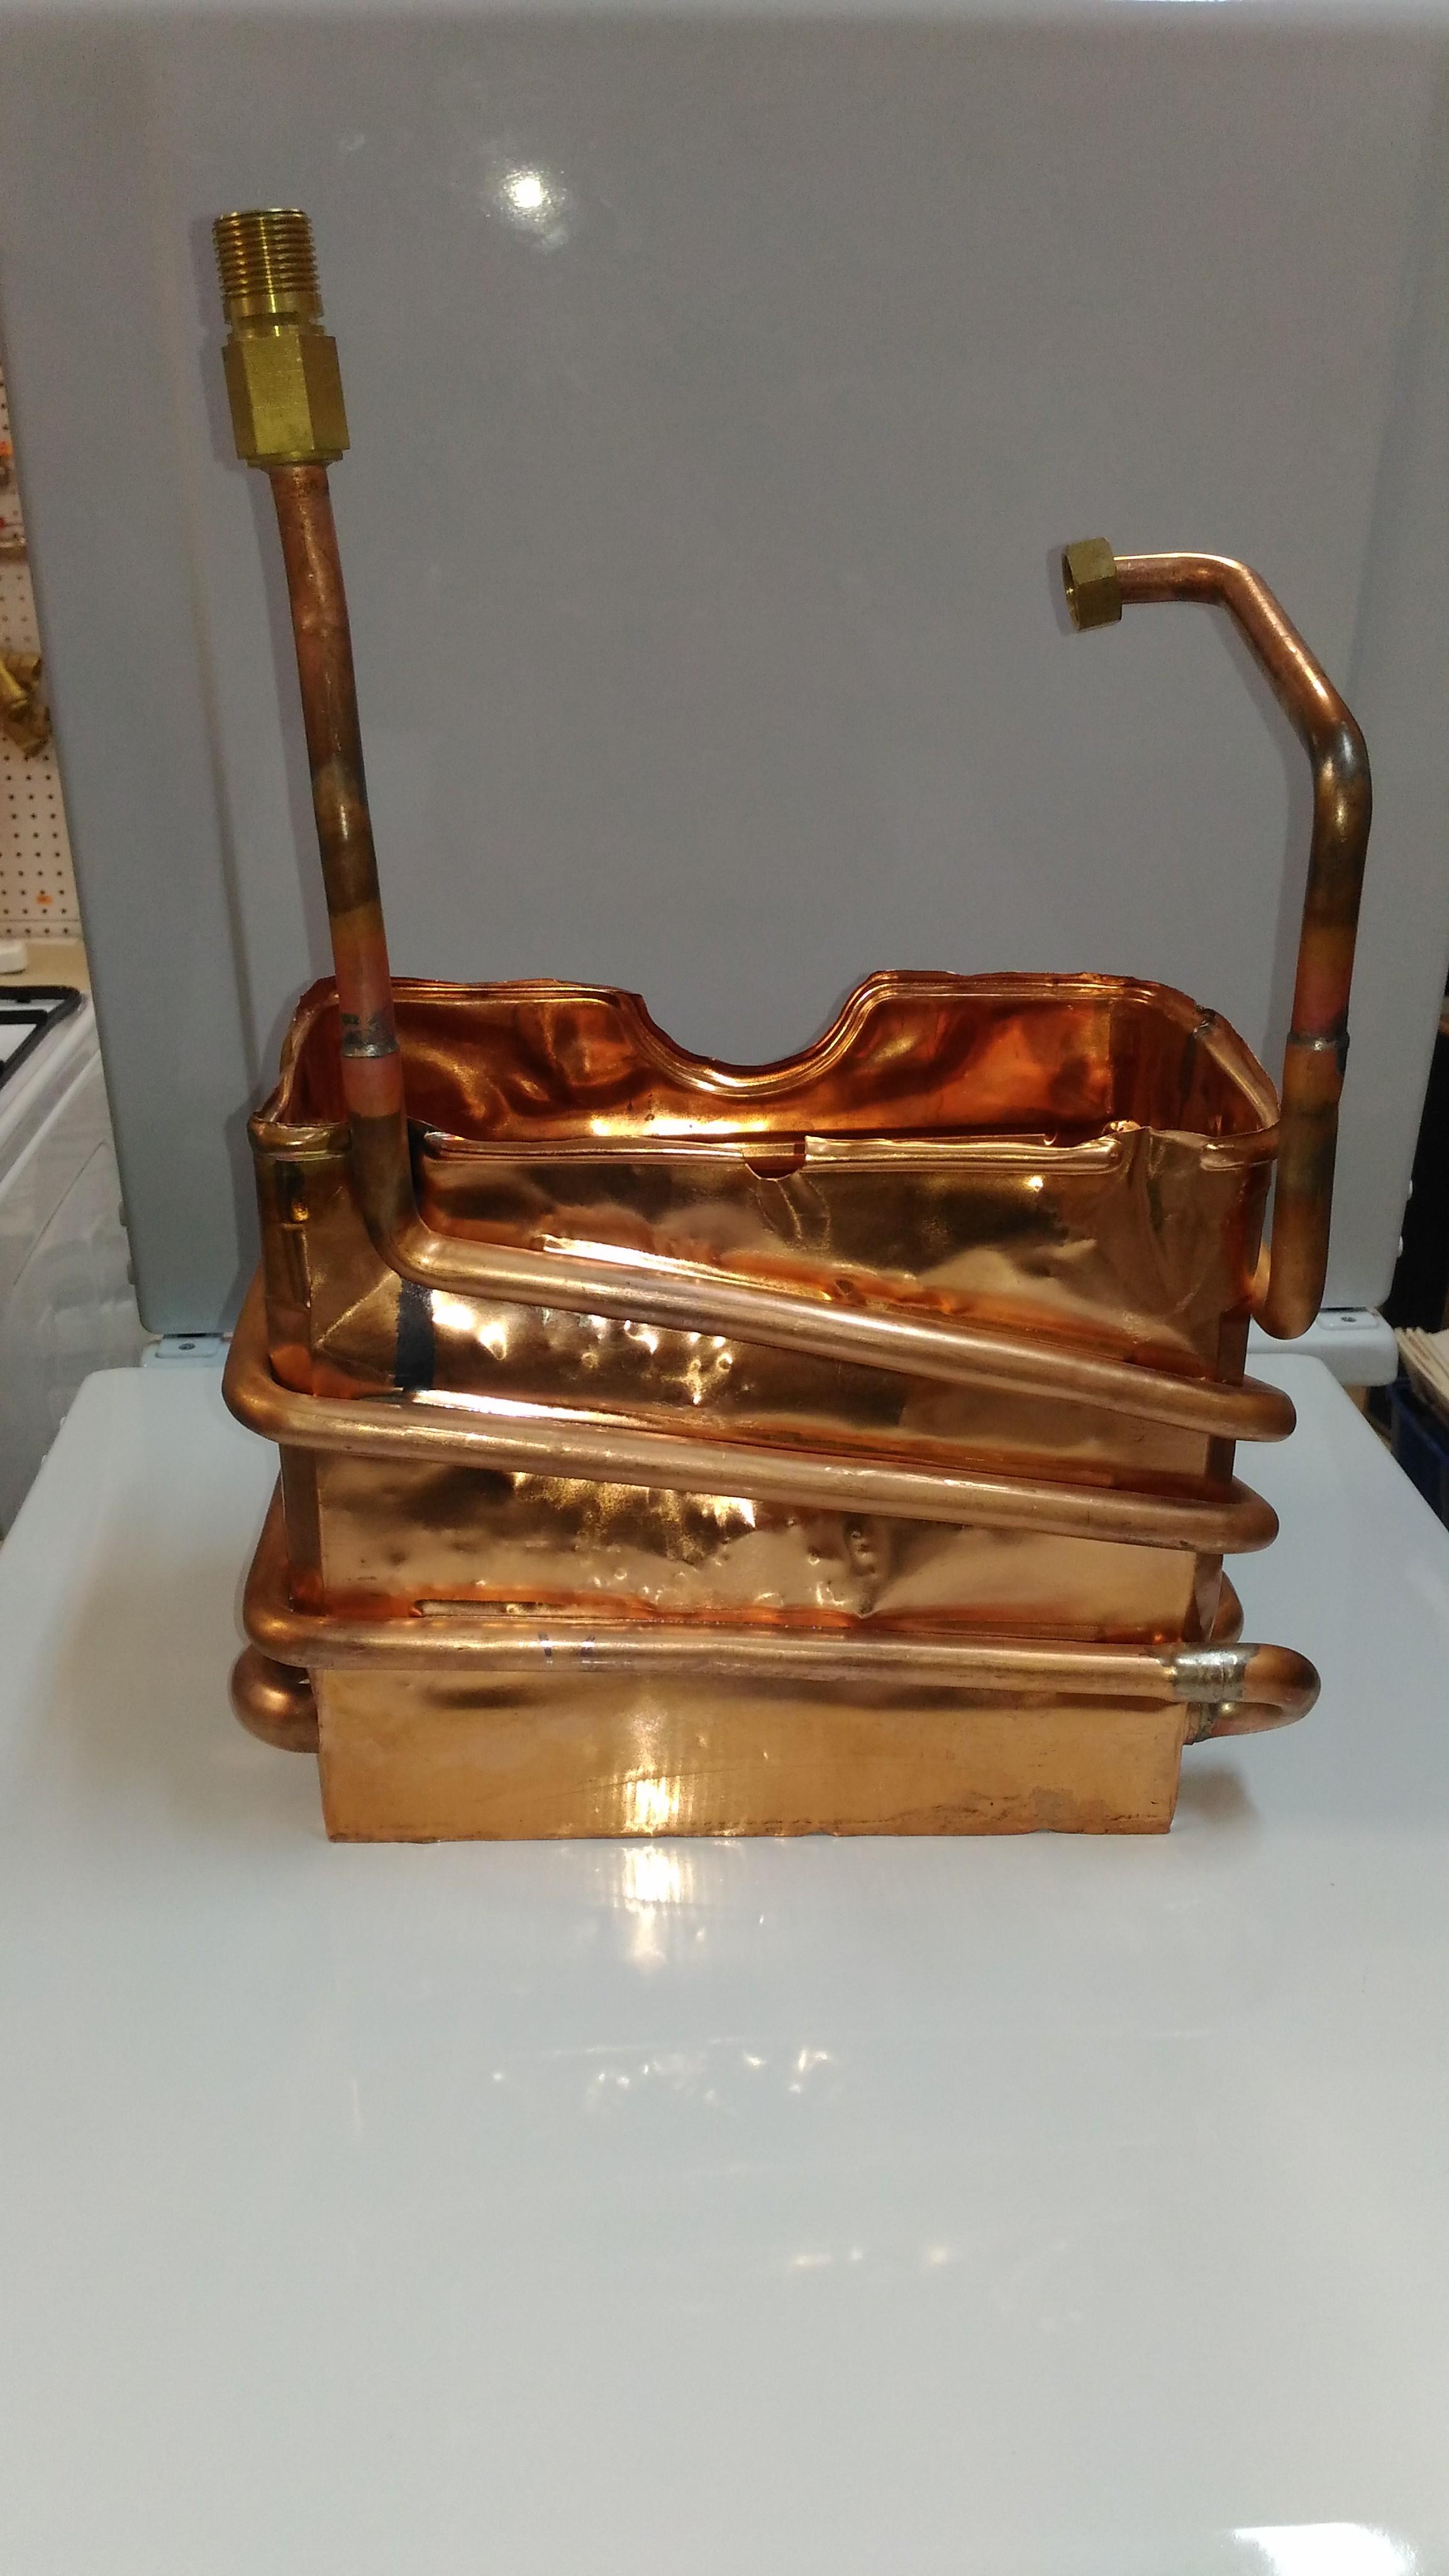 Теплообменники для газовых котлов и колонок Пластины теплообменника Этра ЭТ-041с Одинцово